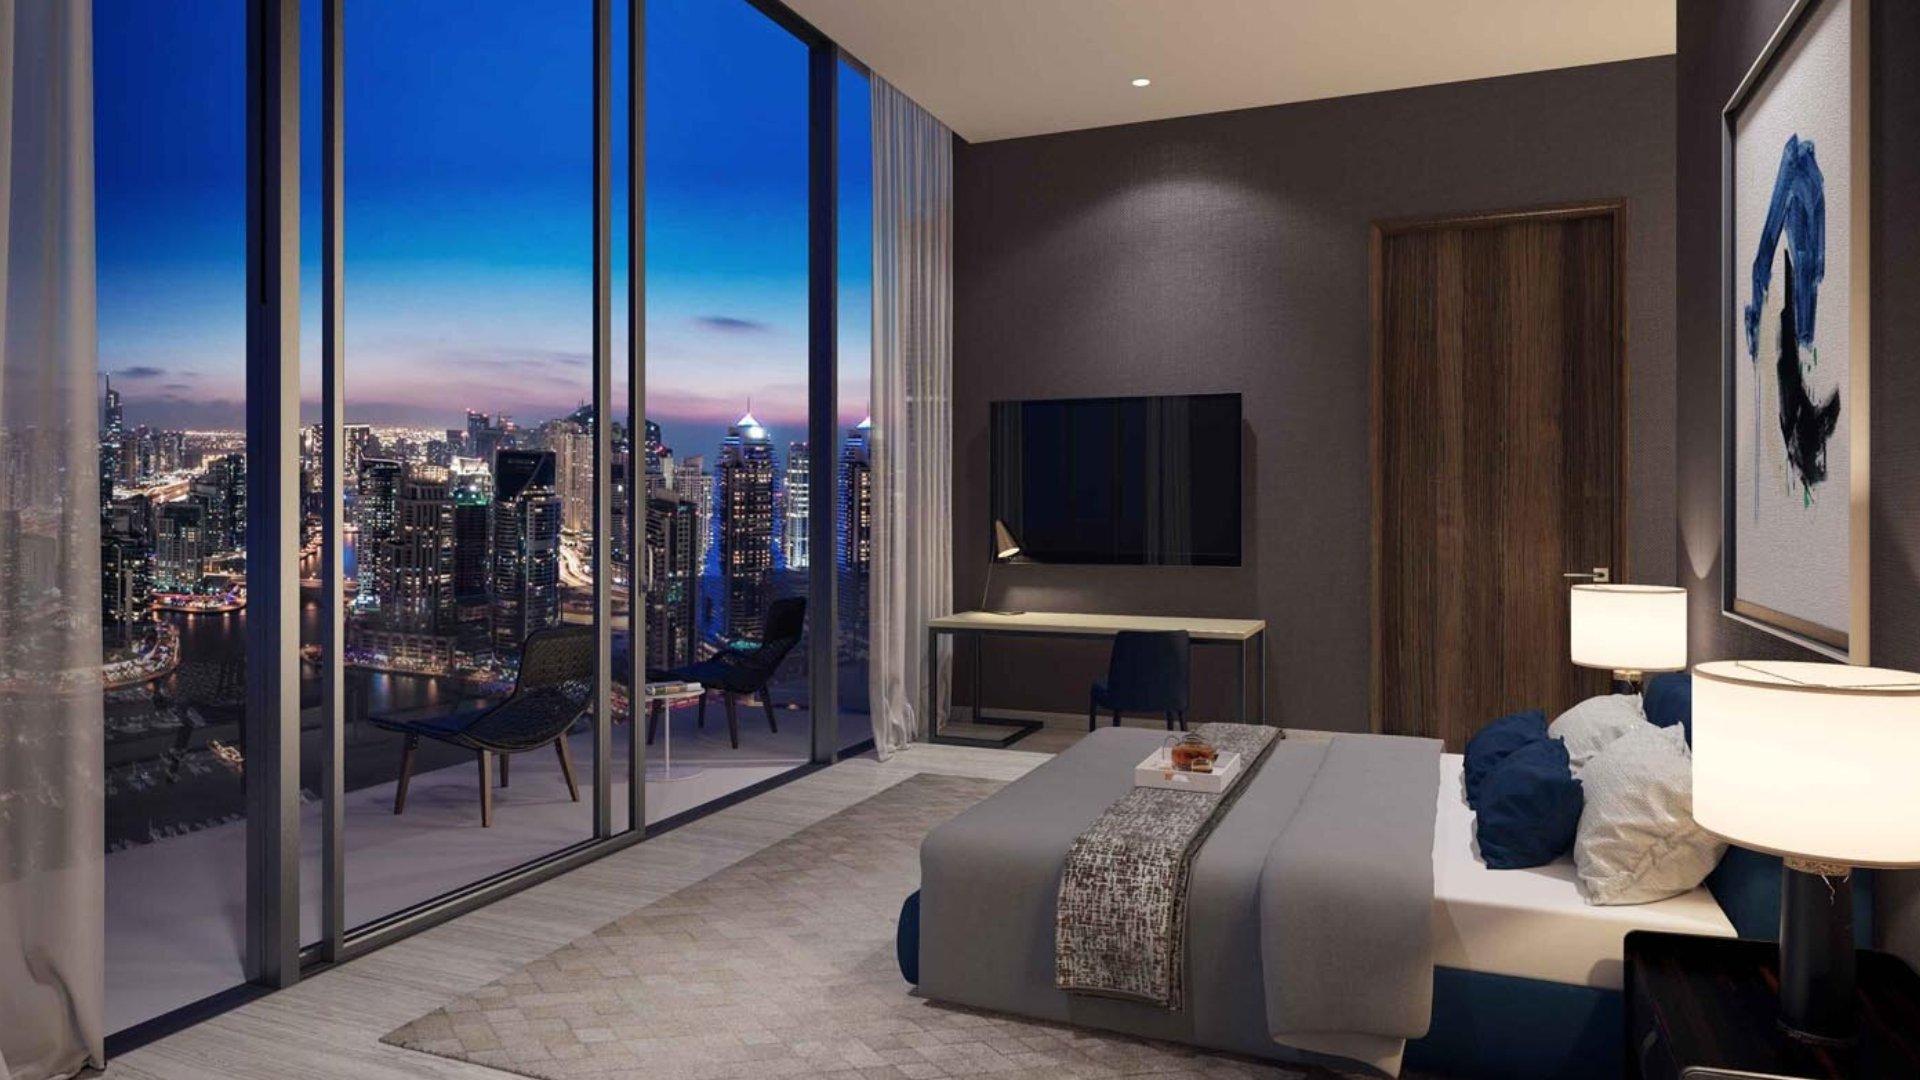 Apartamento en venta en Dubai, EAU, 1 dormitorio, 91 m2, № 24368 – foto 1